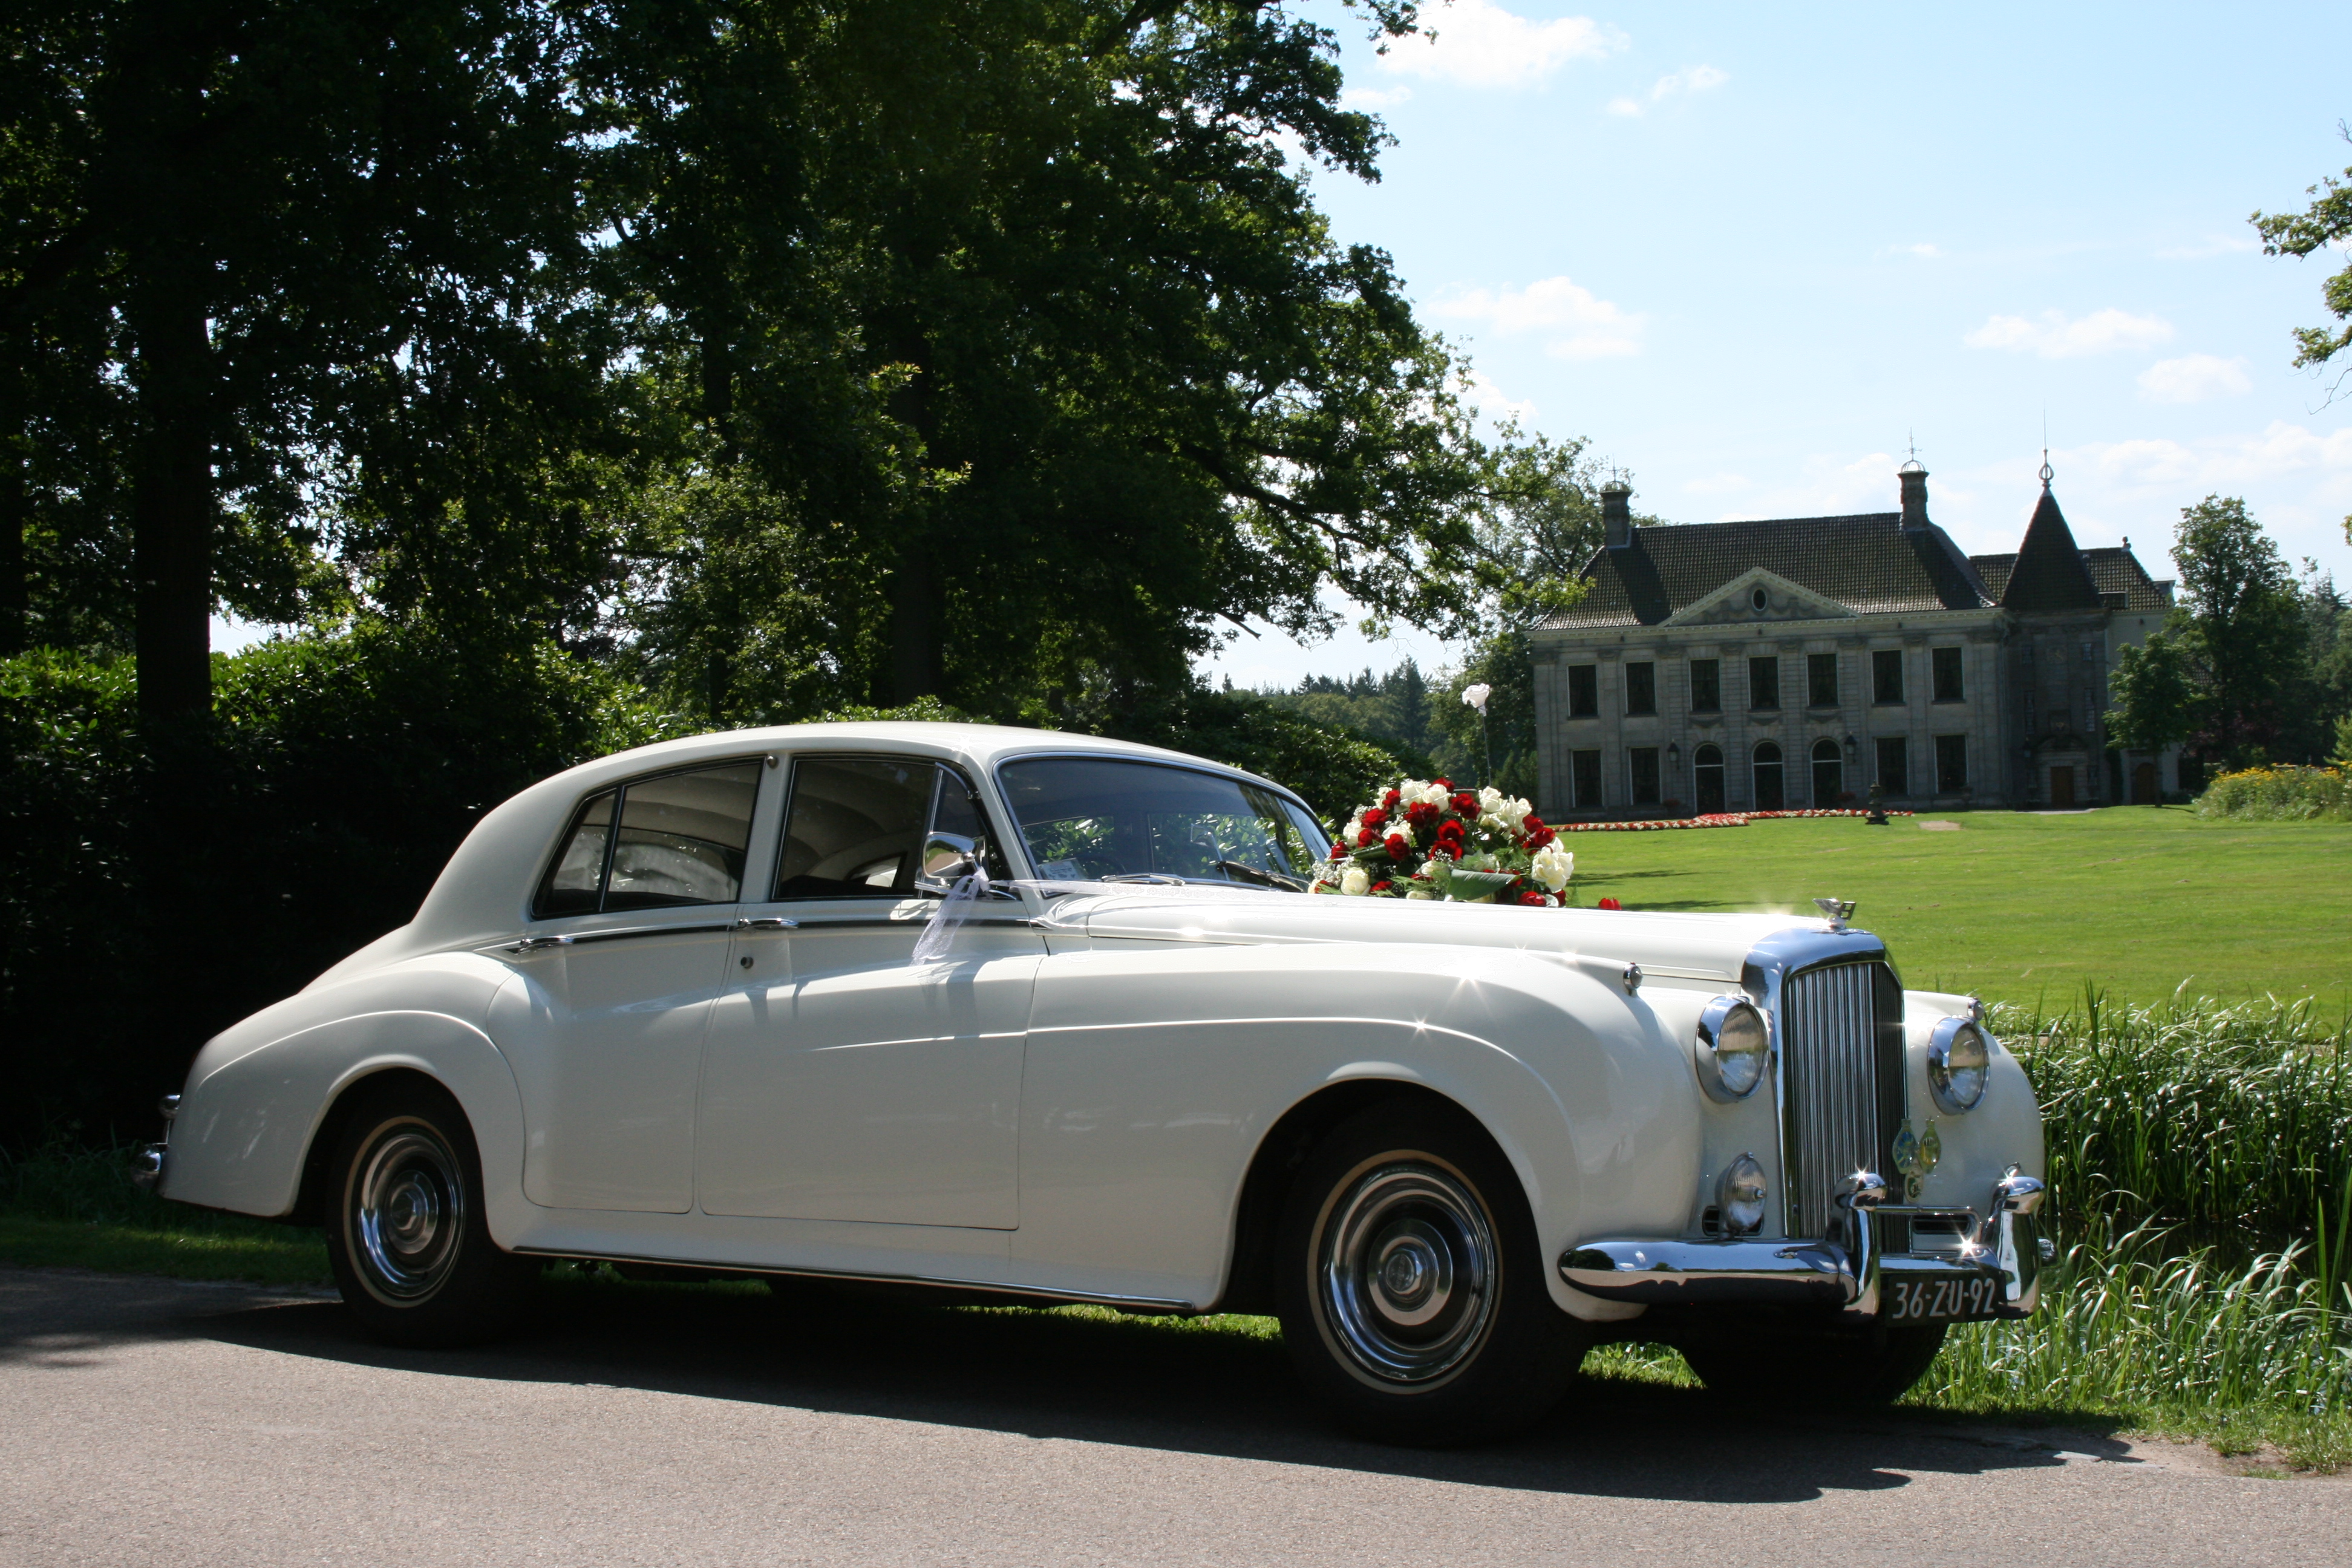 Bentley trouwauto Overijssel huren